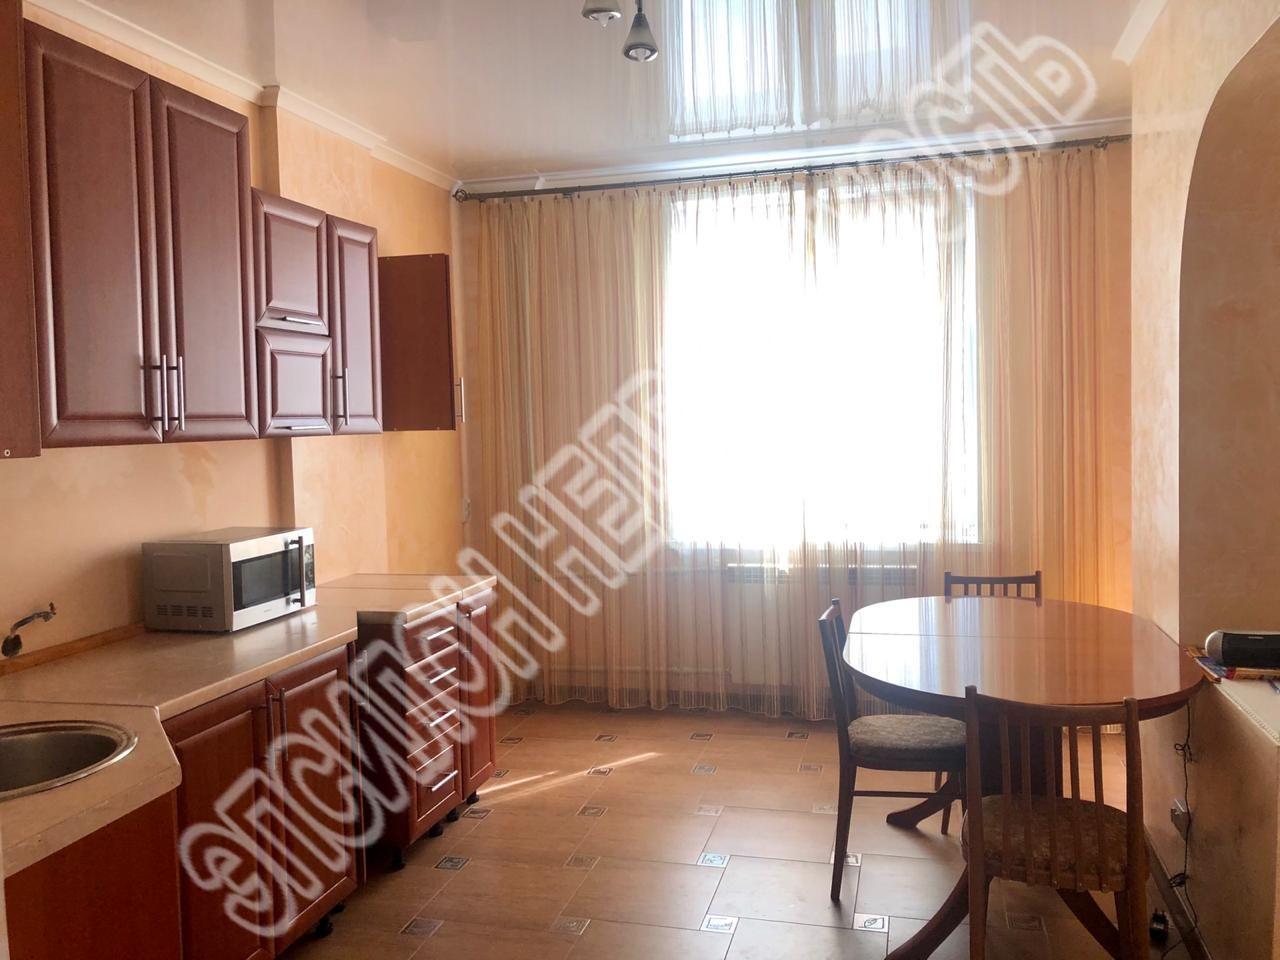 Продам 3-комнатную квартиру в городе Курск, на улице Почтовая, 12, 4-этаж 17-этажного Монолит-кирпич дома, площадь: 86.3/46.4/14.9 м2